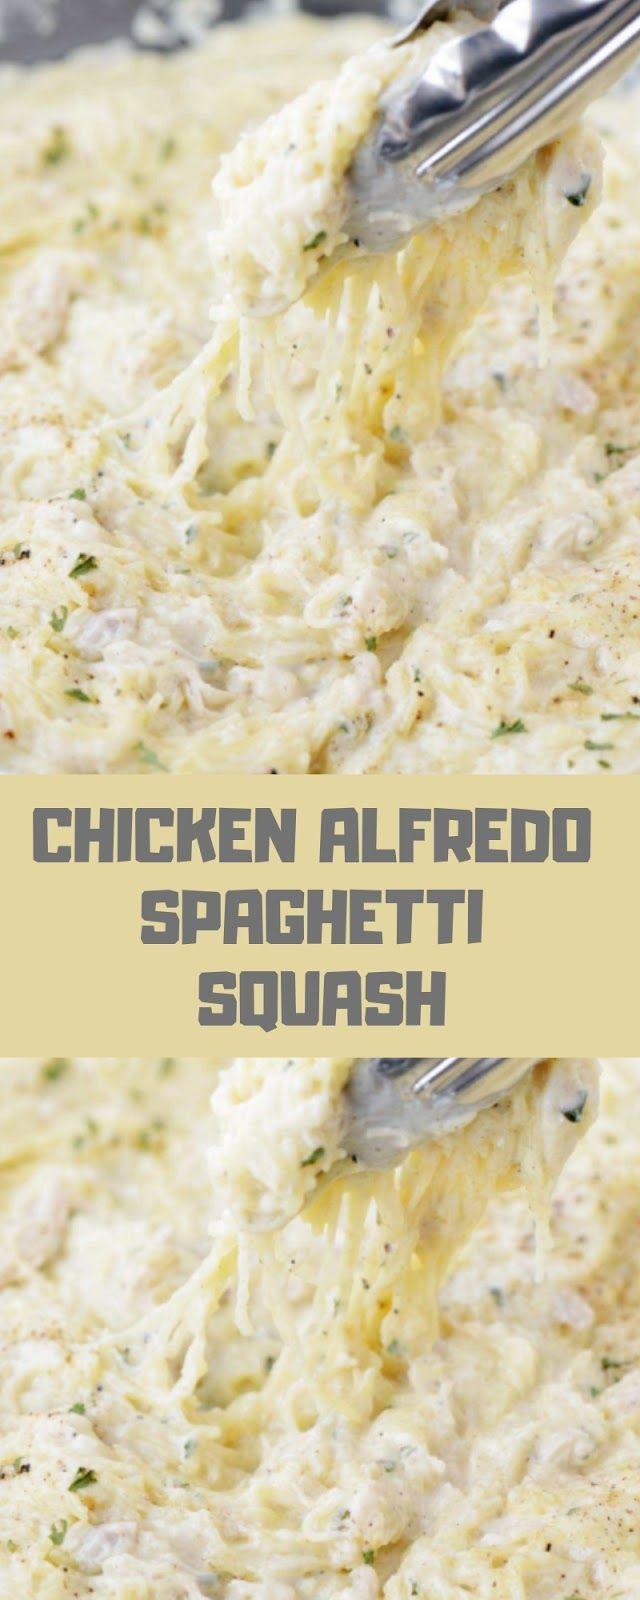 CHICKEN ALFREDO SPAGHETTI SQUASH #chickenalfredo